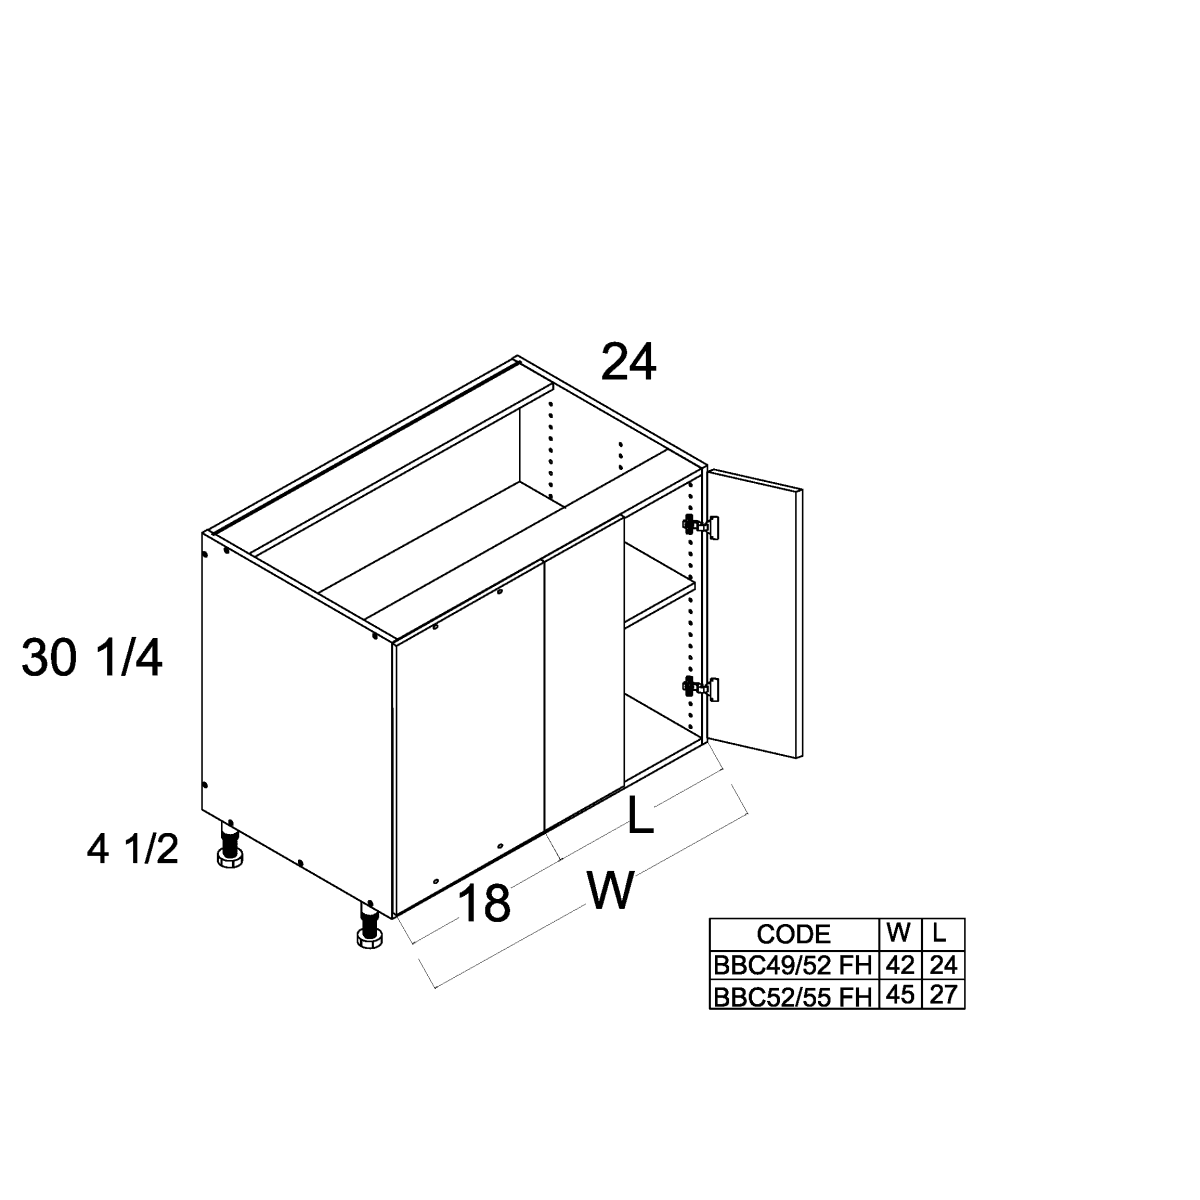 Cabinets, US Cabinet Depot Verona Midnight Navy cabinets-us-cabinet-depot-riviera-conch-shell-full-height-two-door-blind-base-42w-x-24l-x-24d-x-30-1-4h-RCS-BBC49/52FH